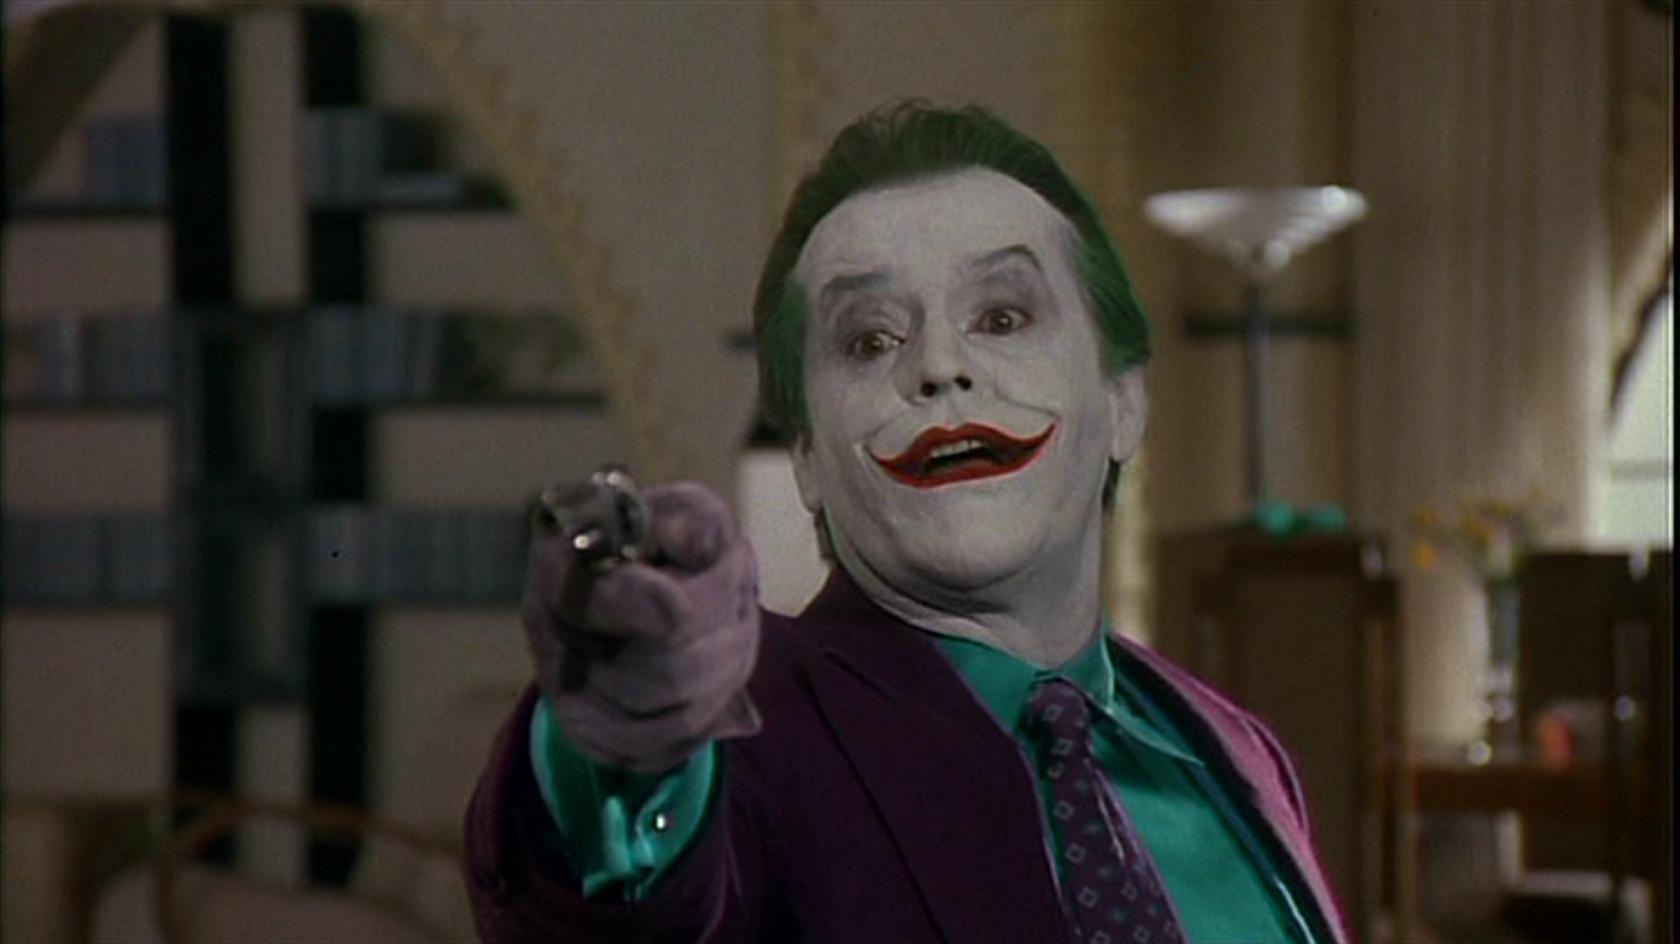 Điểm lại những câu thoại đắt giá làm nên tên tuổi gã hề Joker - Ảnh 3.